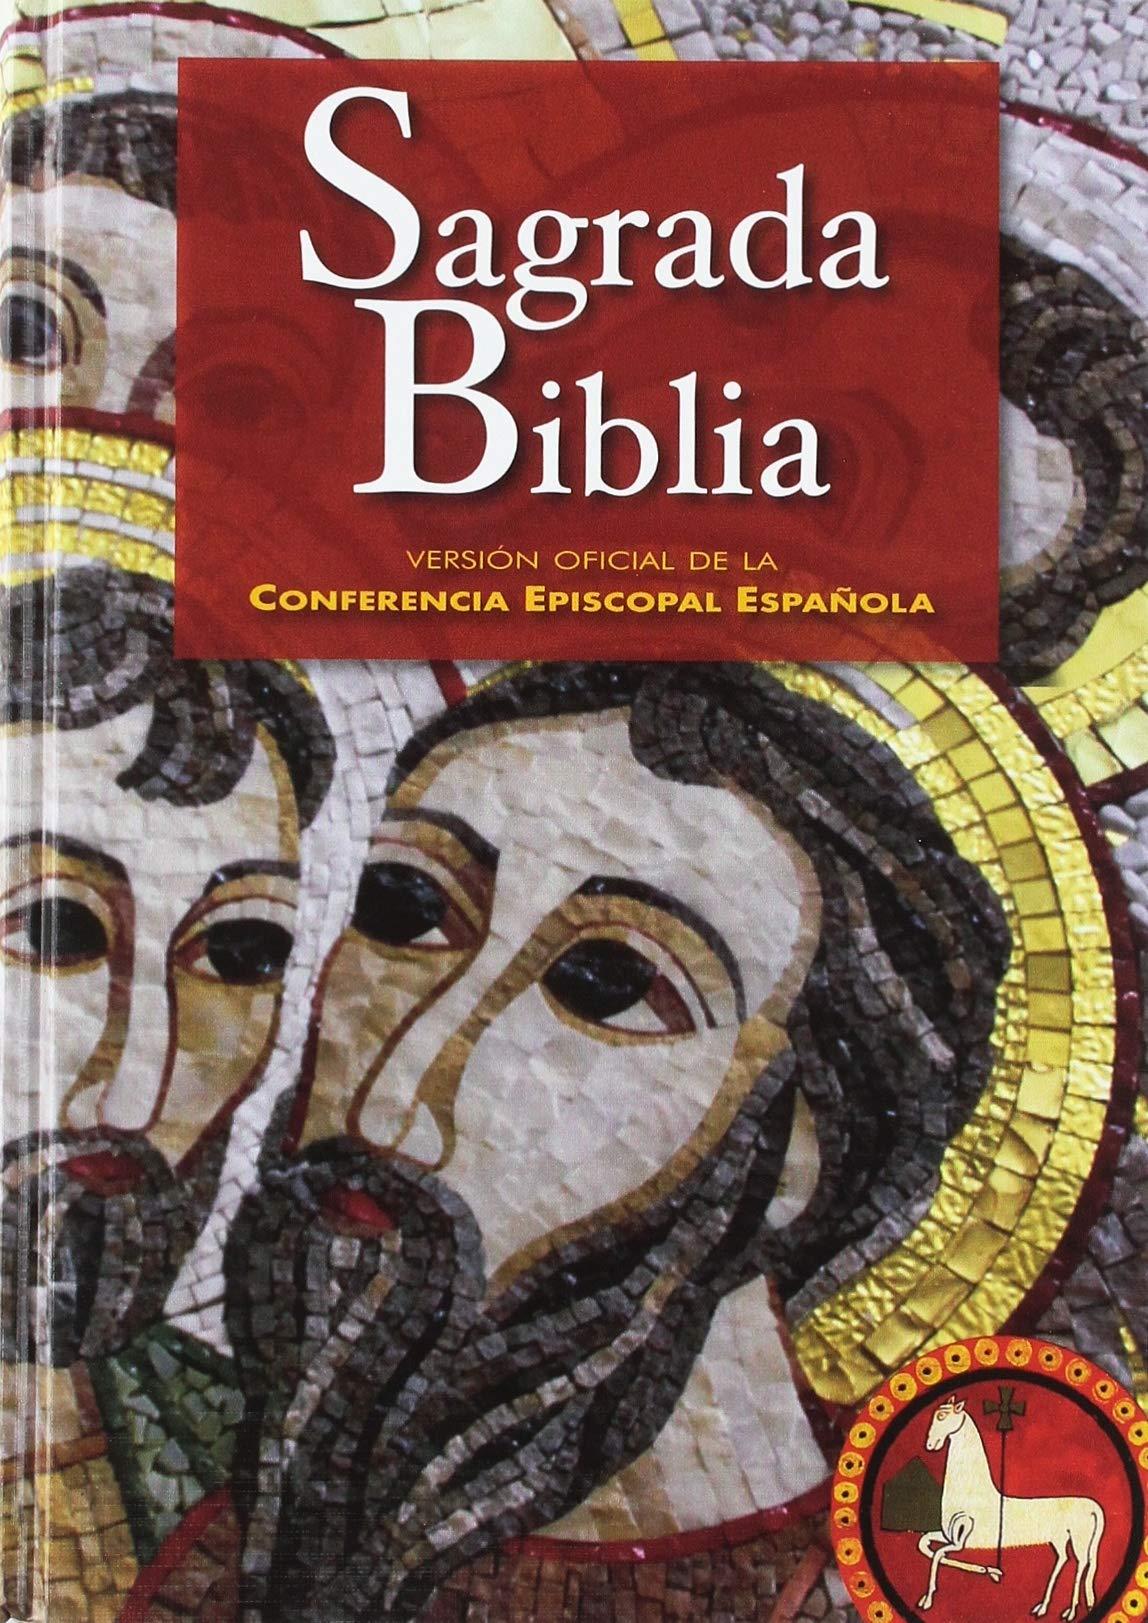 Sagrada Biblia Cee Al cromo: Versión oficial de la Conferencia Episcopal Española: 120 EDICIONES BÍBLICAS: Amazon.es: Conferencia Episcopal Española: Libros